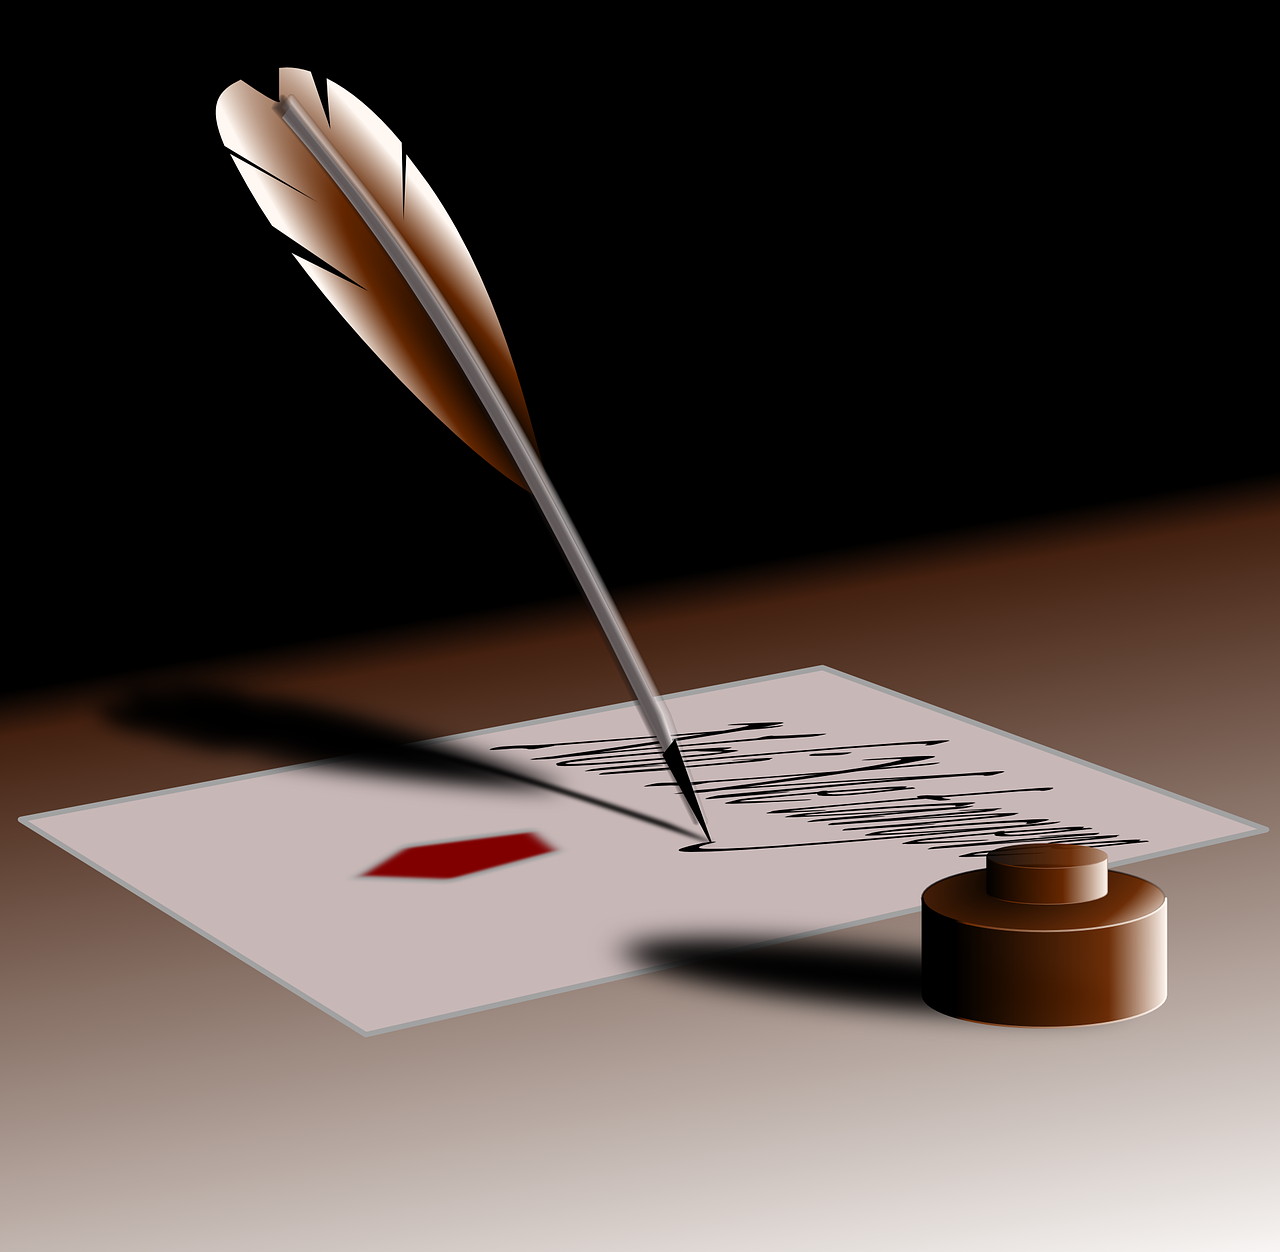 Щодо ненадання оригіналу документа, що посвідчує особу, уповноважену на підписання договору